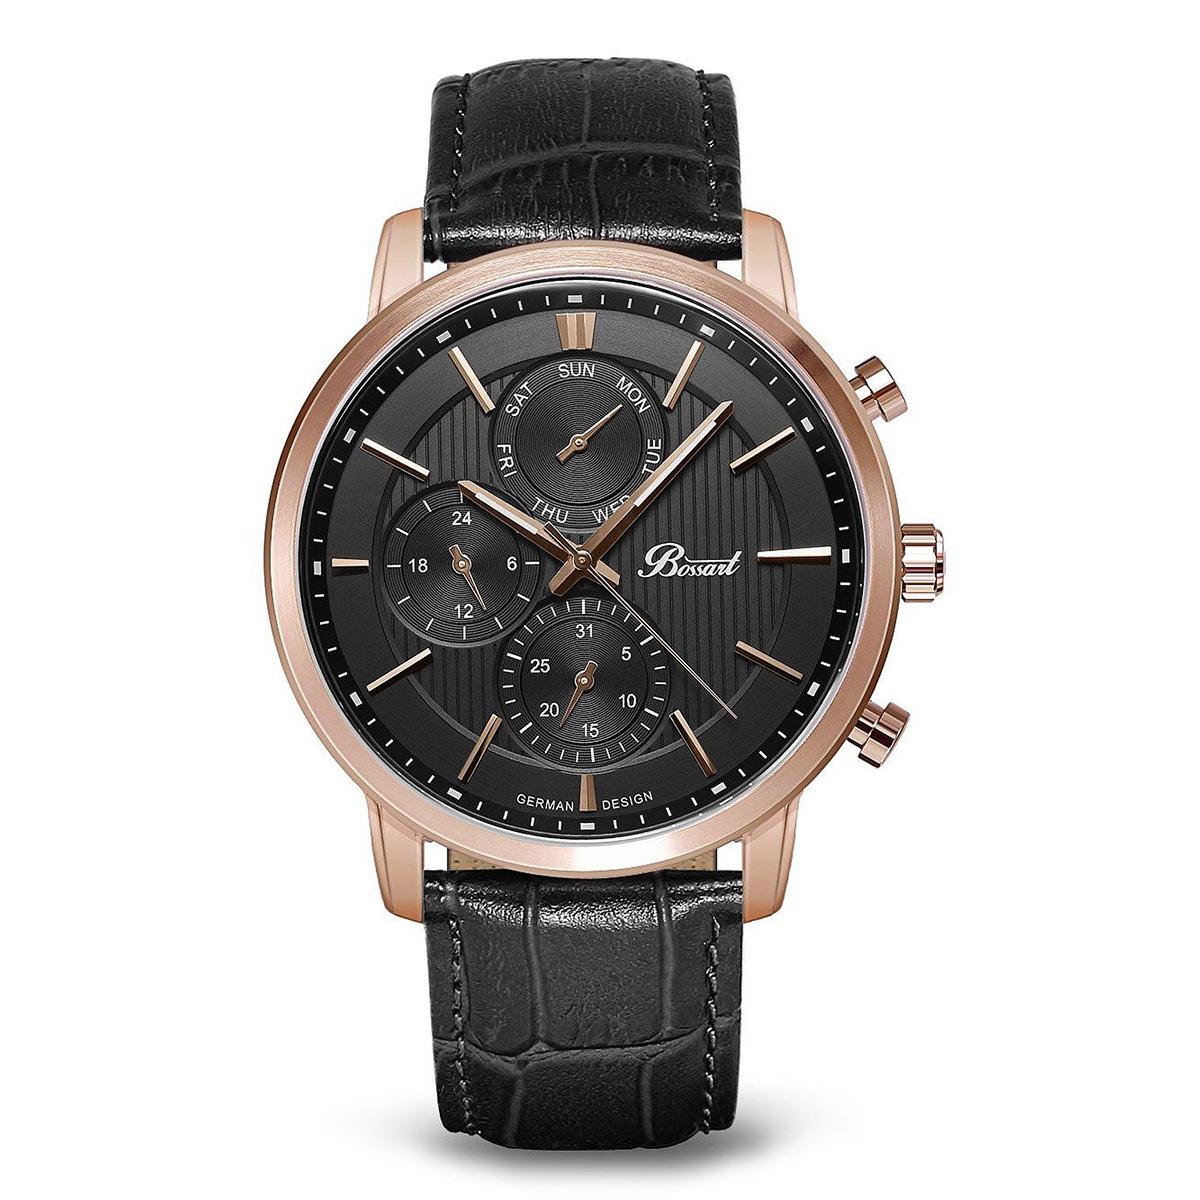 【残り1点】Bossart ボッサート クォーツ 腕時計 メンズ [BW-1401-IR-BK] 並行輸入品 メーカー保証24ヵ月 純正ケース付き